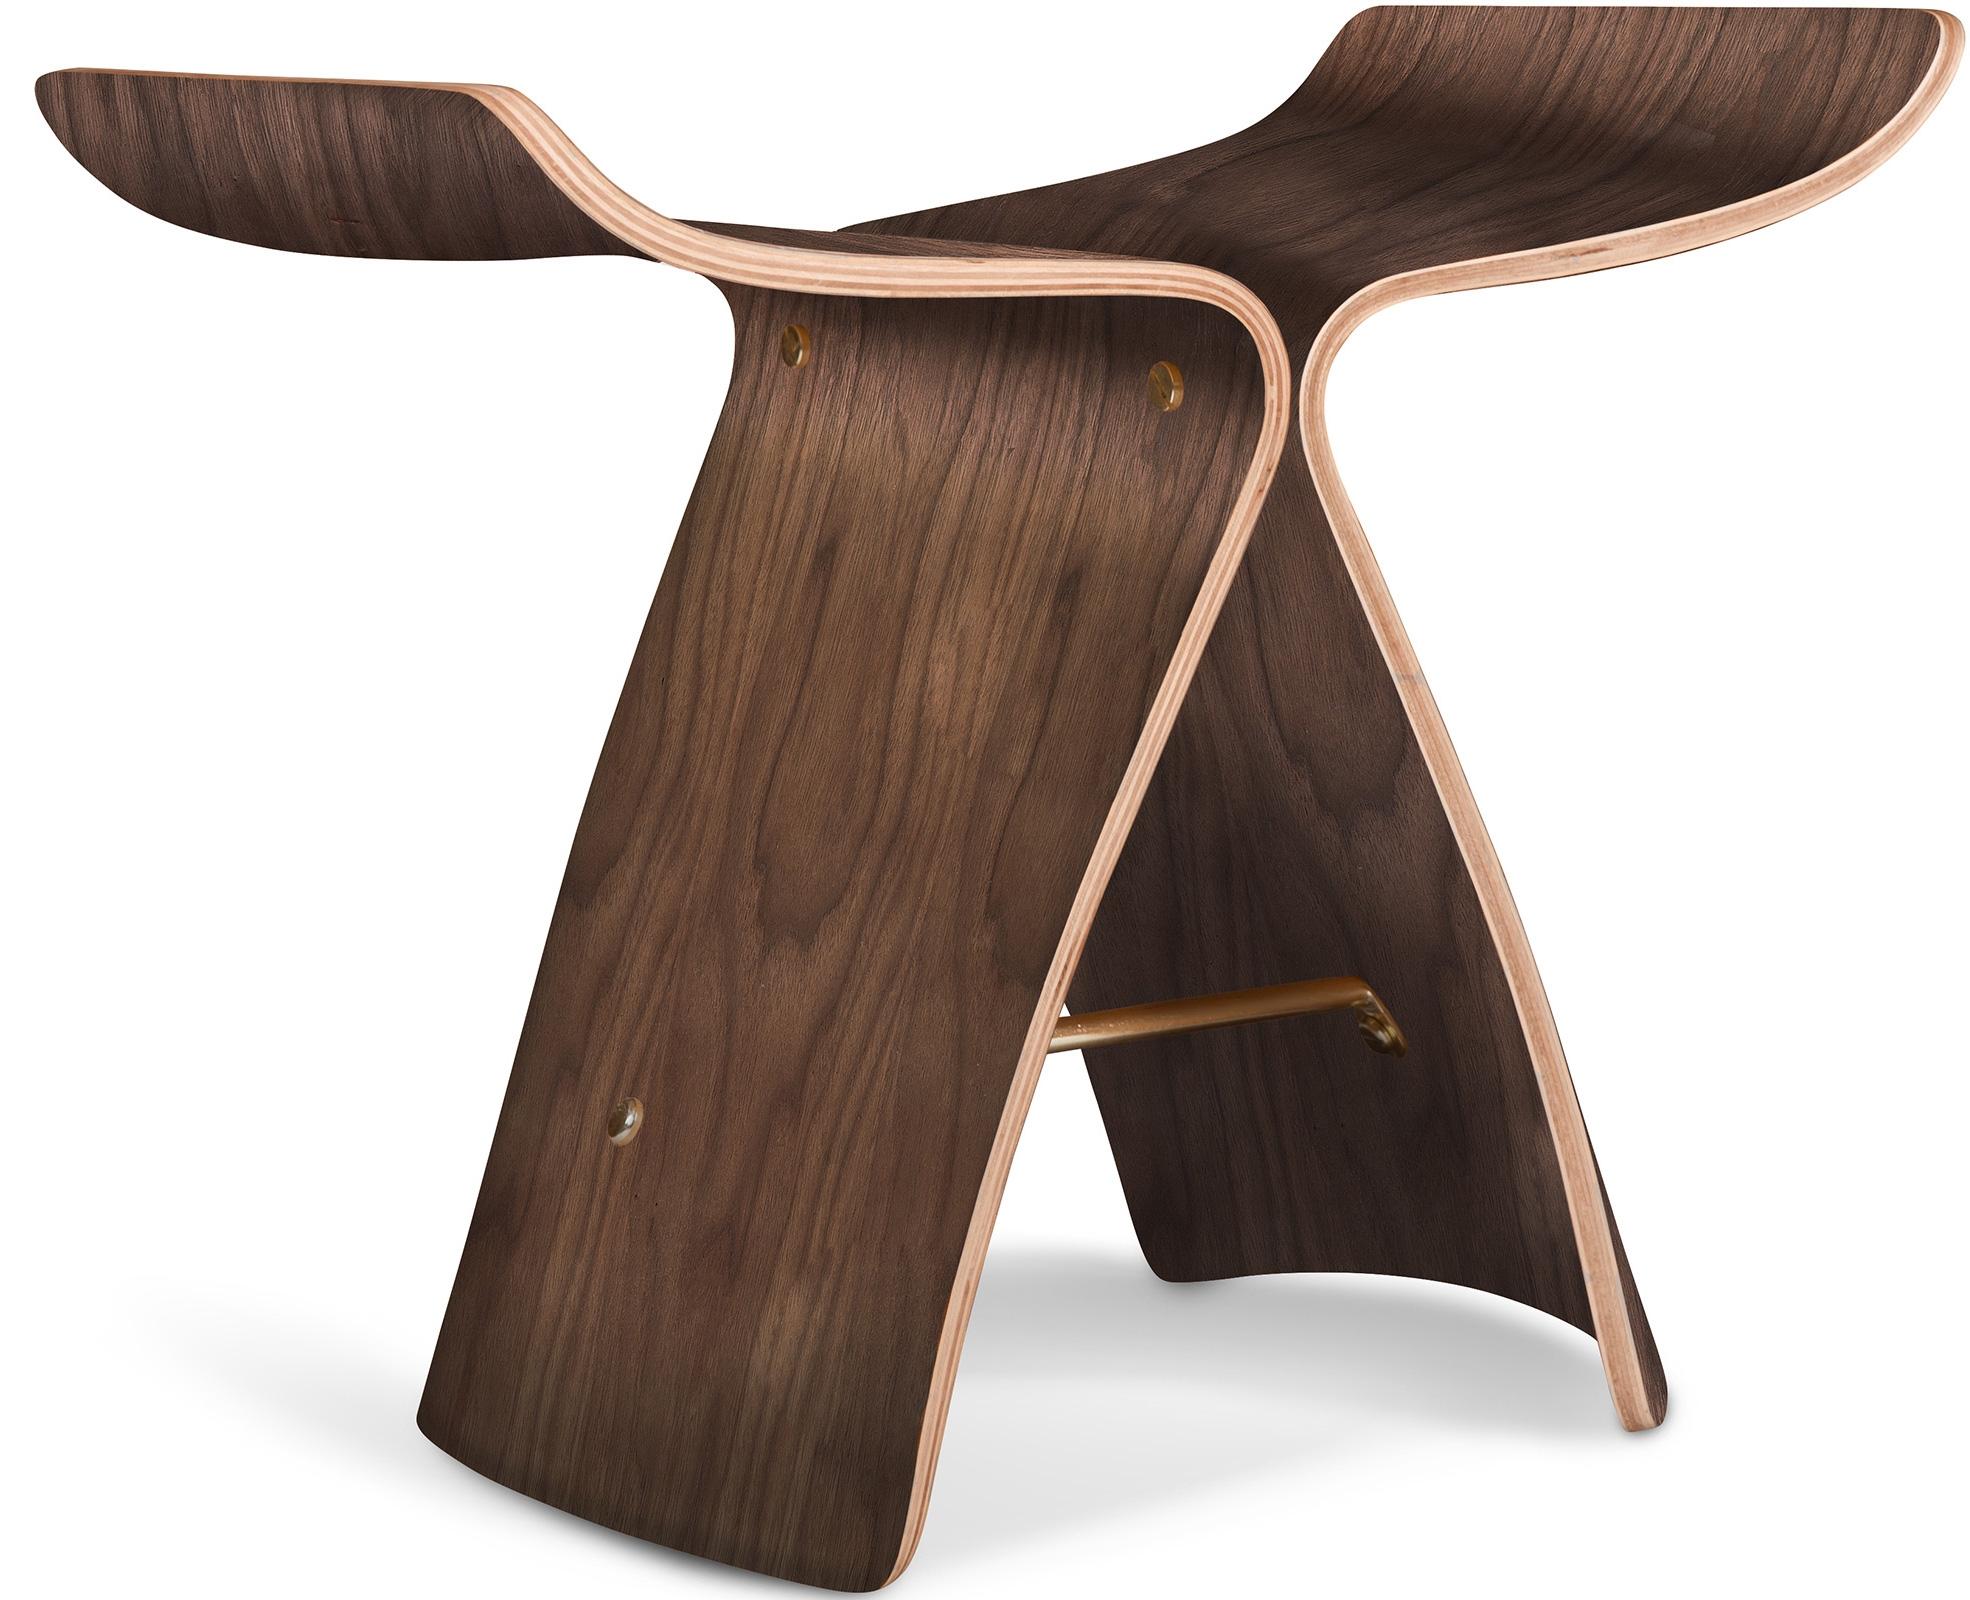 Tabouret en bois fonc ceres - Tabouret en bois reglable en hauteur ...